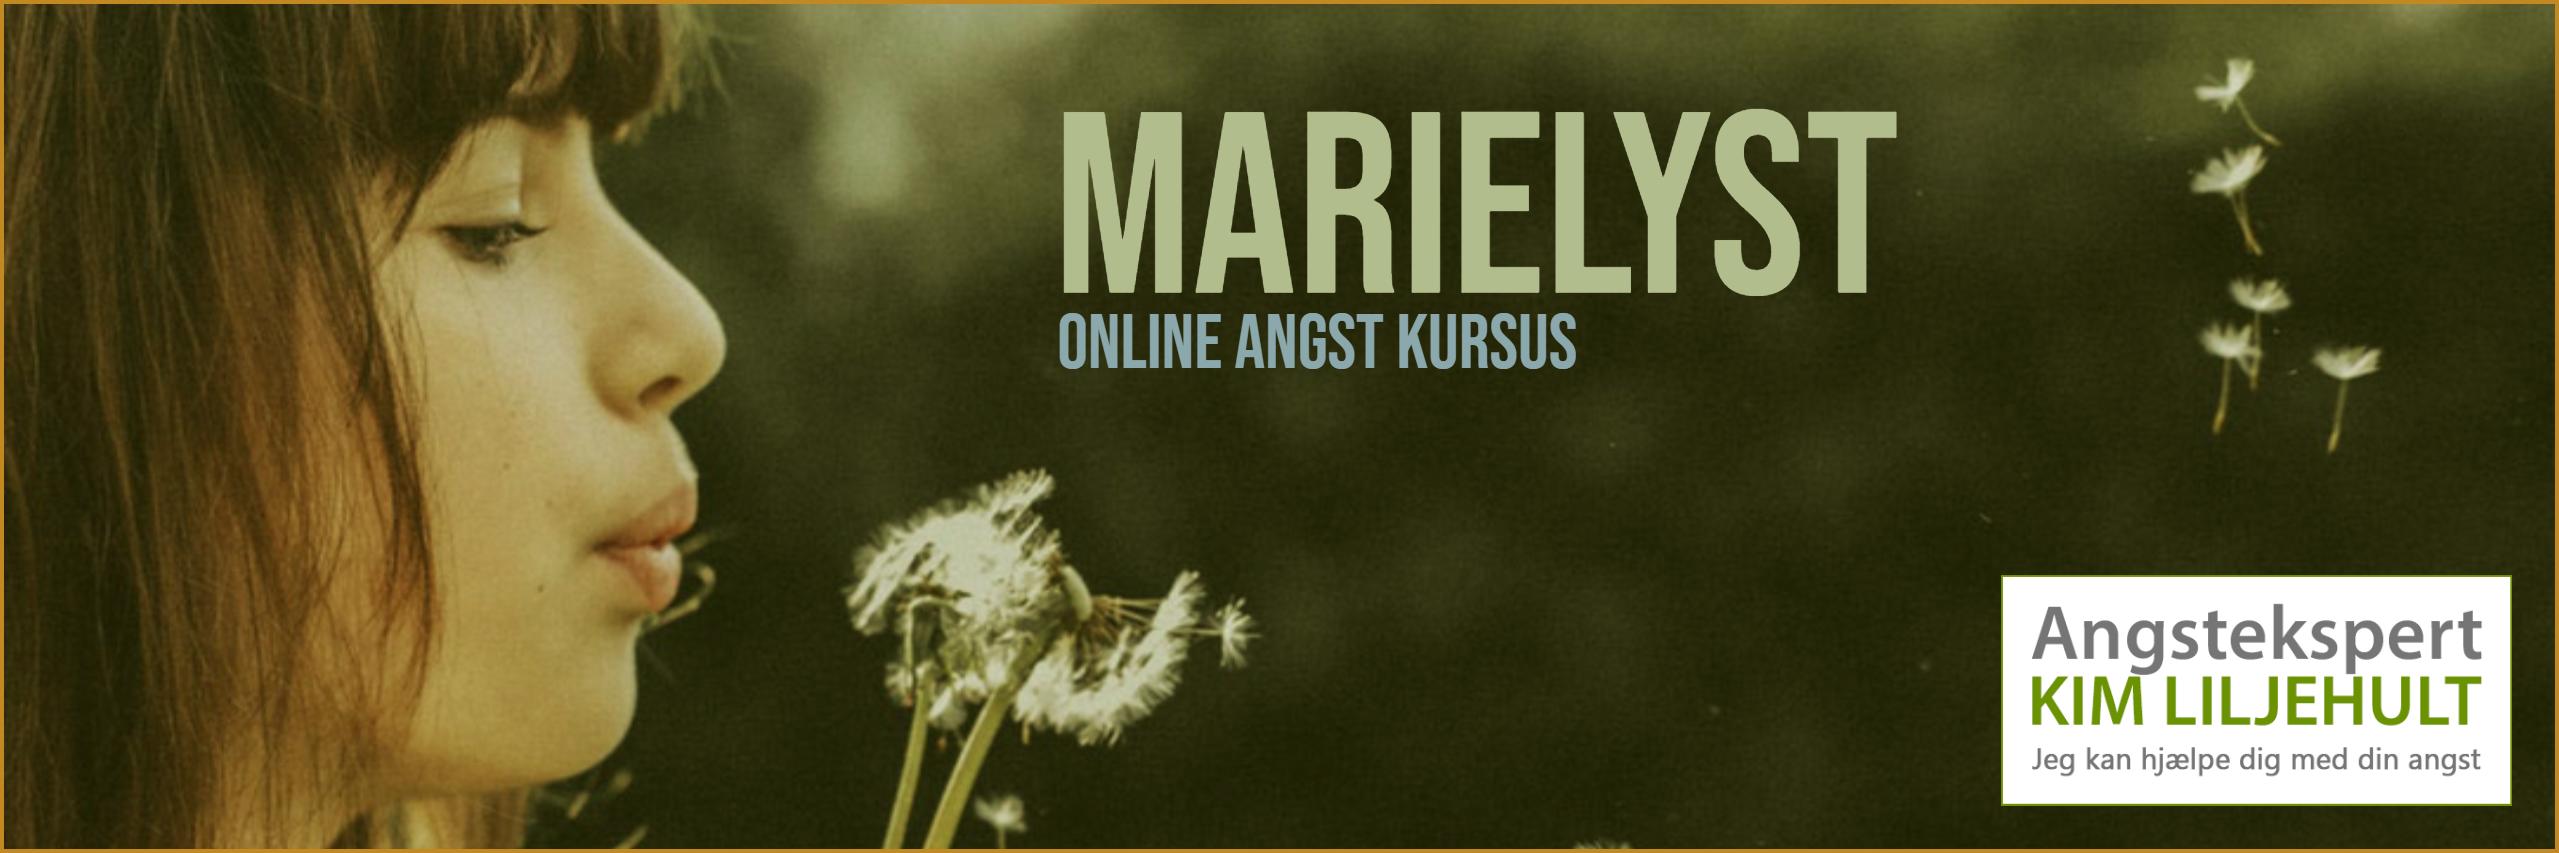 Marielyst - herfra kan du få hjælp online til din angst